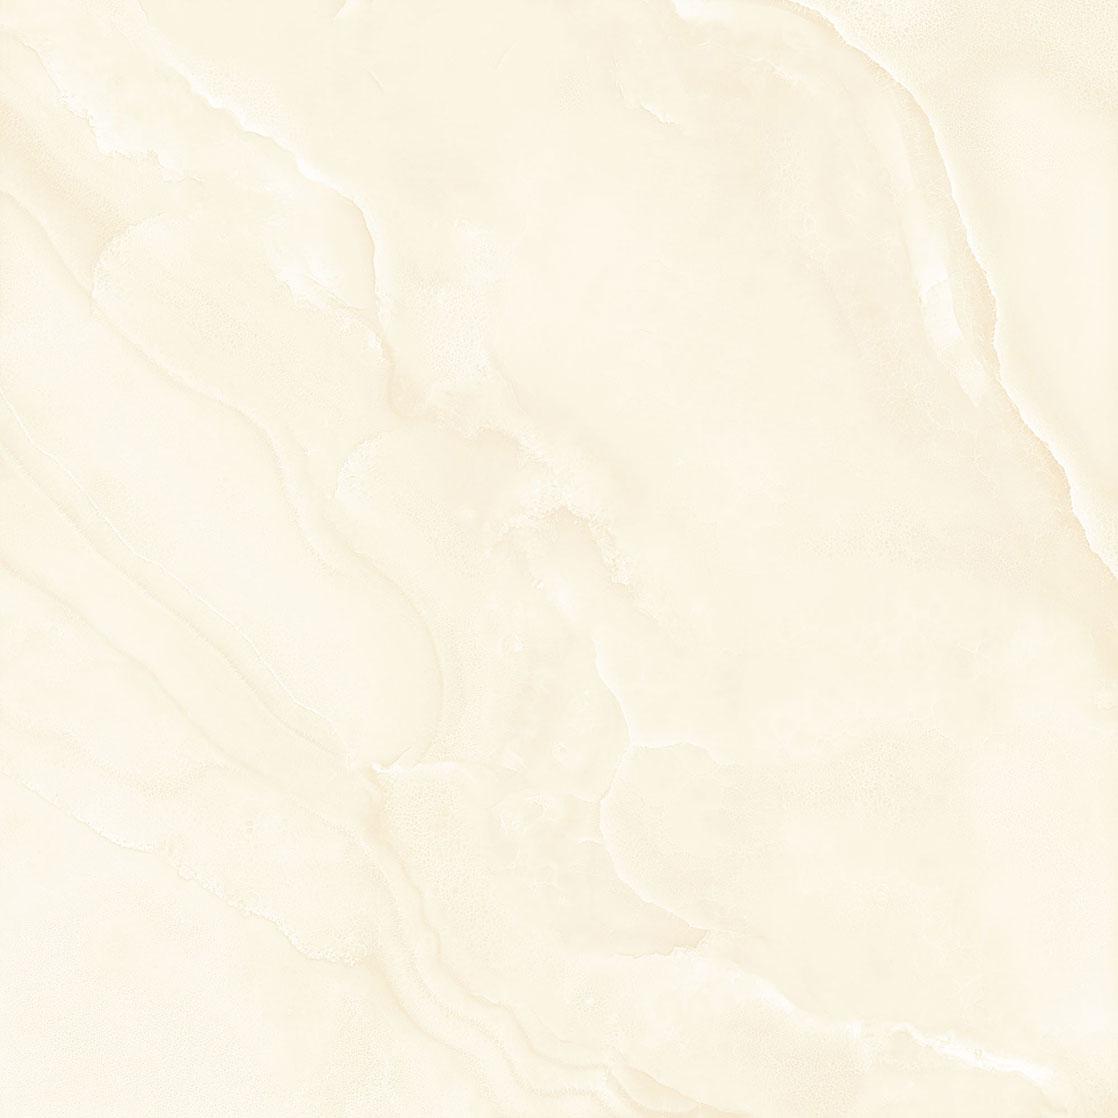 Gạch lát nền 600x600 Viglacera UH B602 giá rẻ